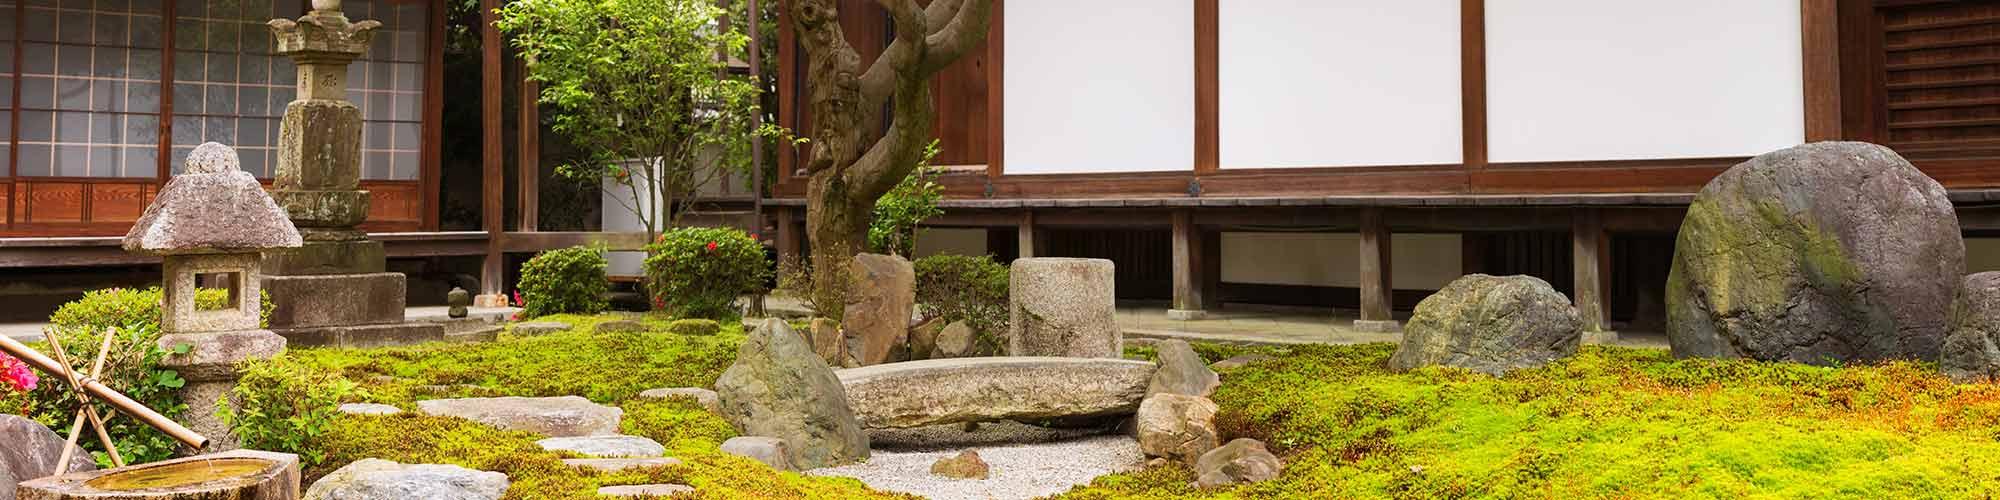 Japón de la mano de Bonsaikido - EL PAIS Viajes